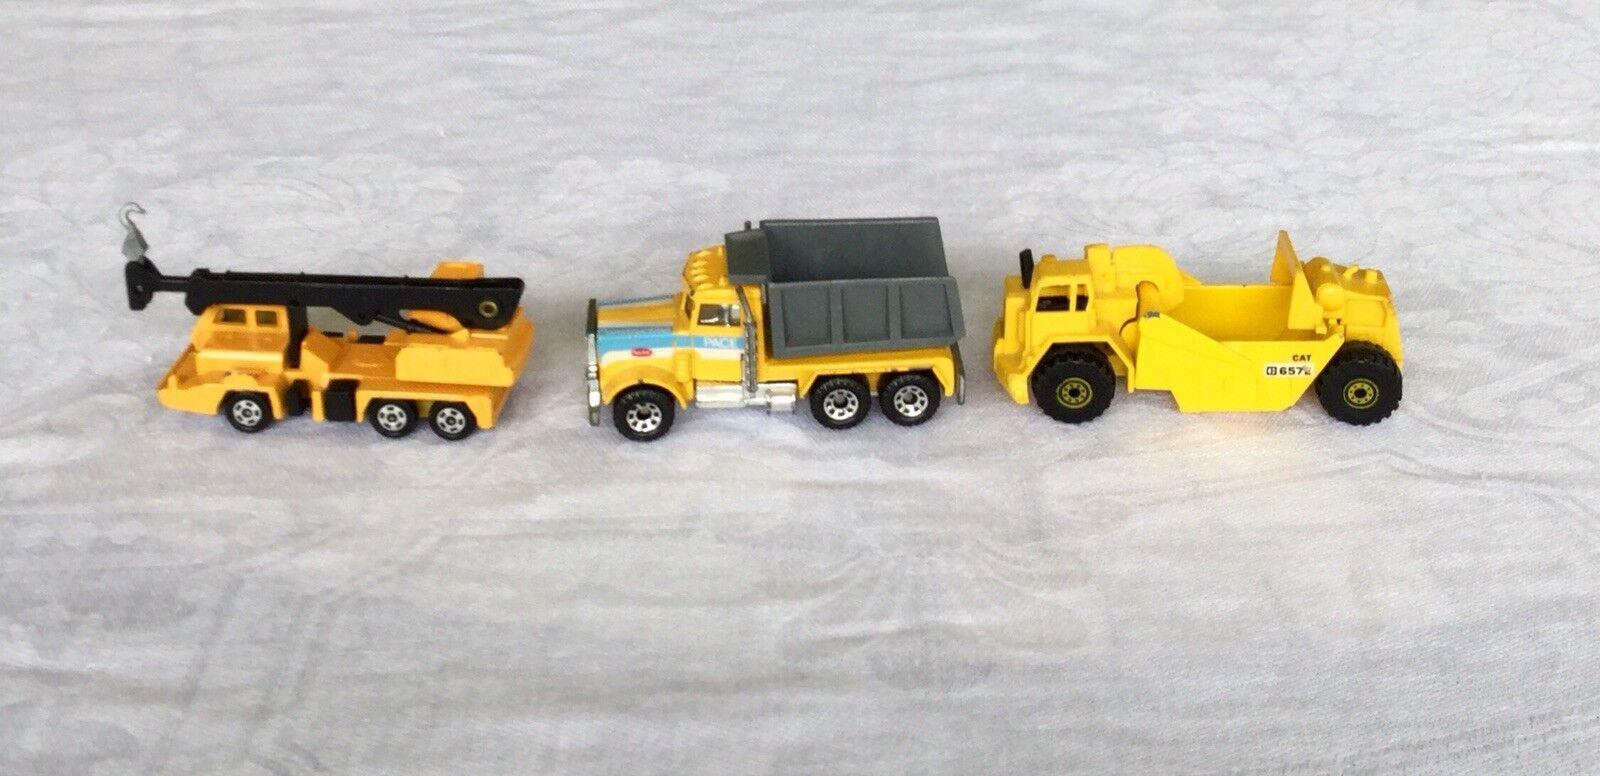 Conjunto de 3 vehículos de construcción DIECAST VINTAGE DE FECHA 1974-1981